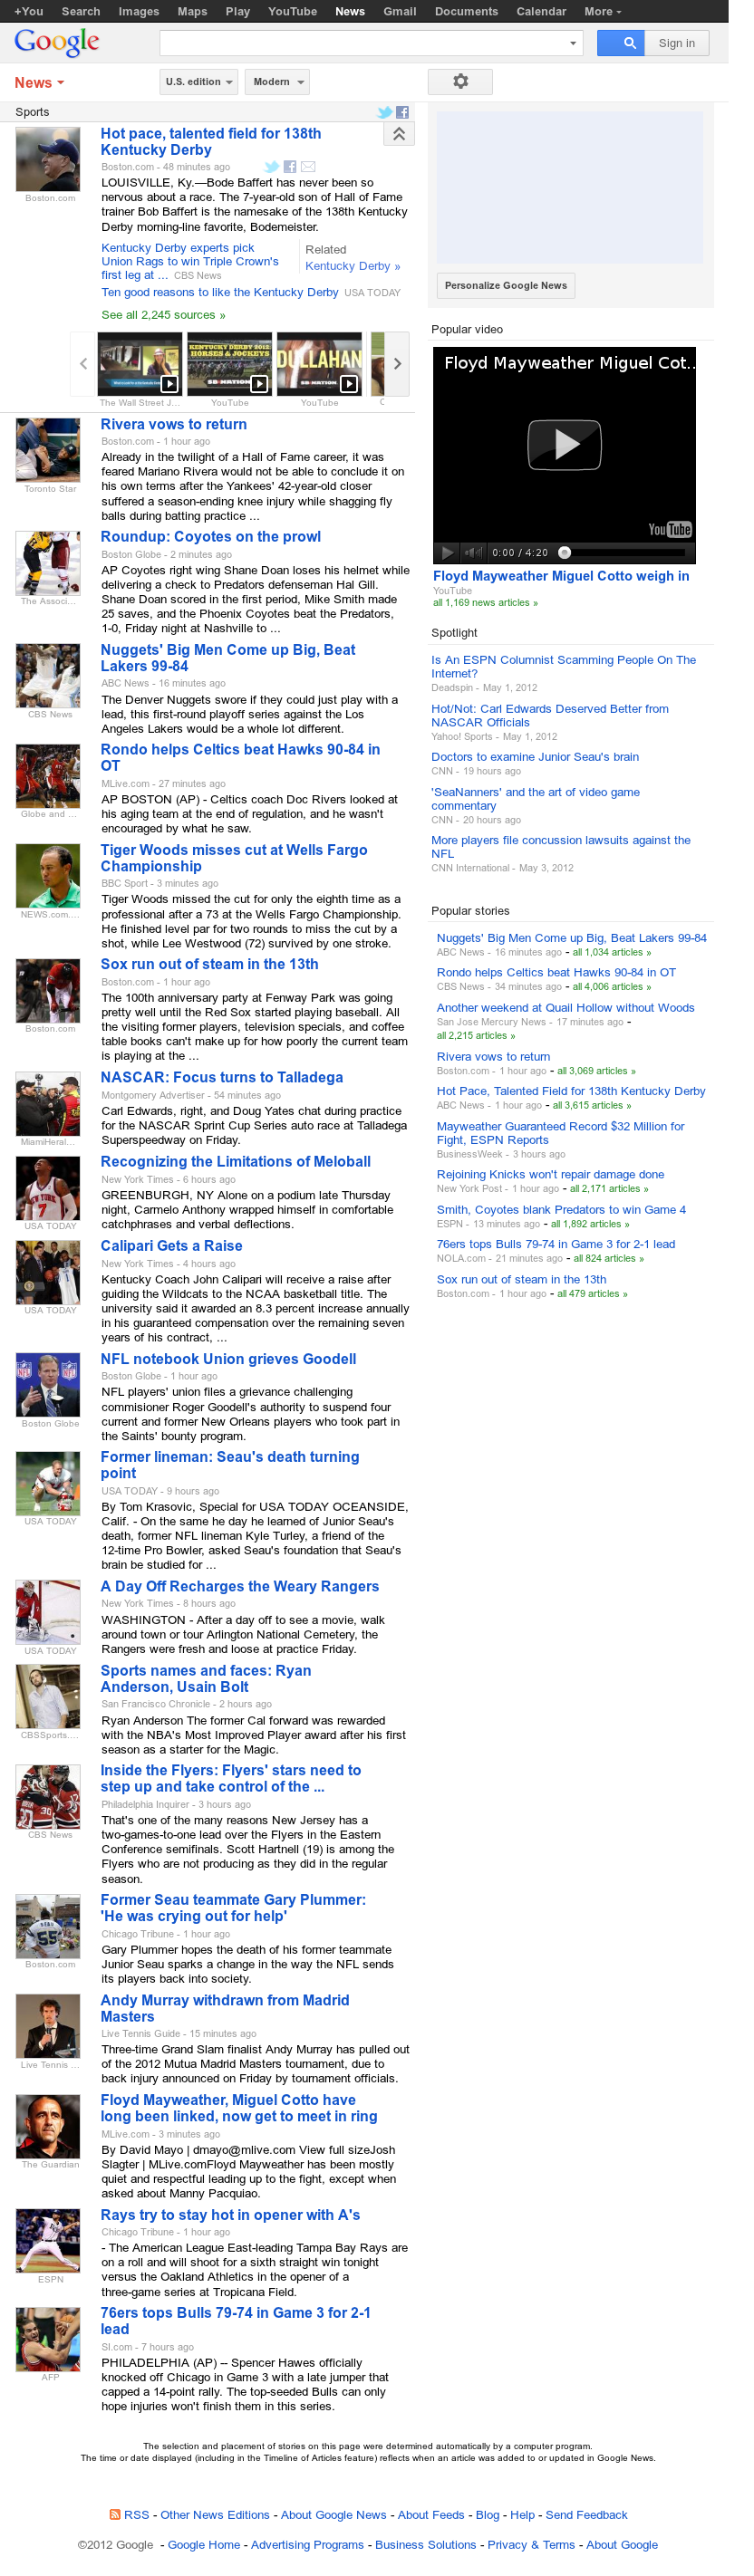 Google News: Sports at Saturday May 5, 2012, 10:06 a.m. UTC